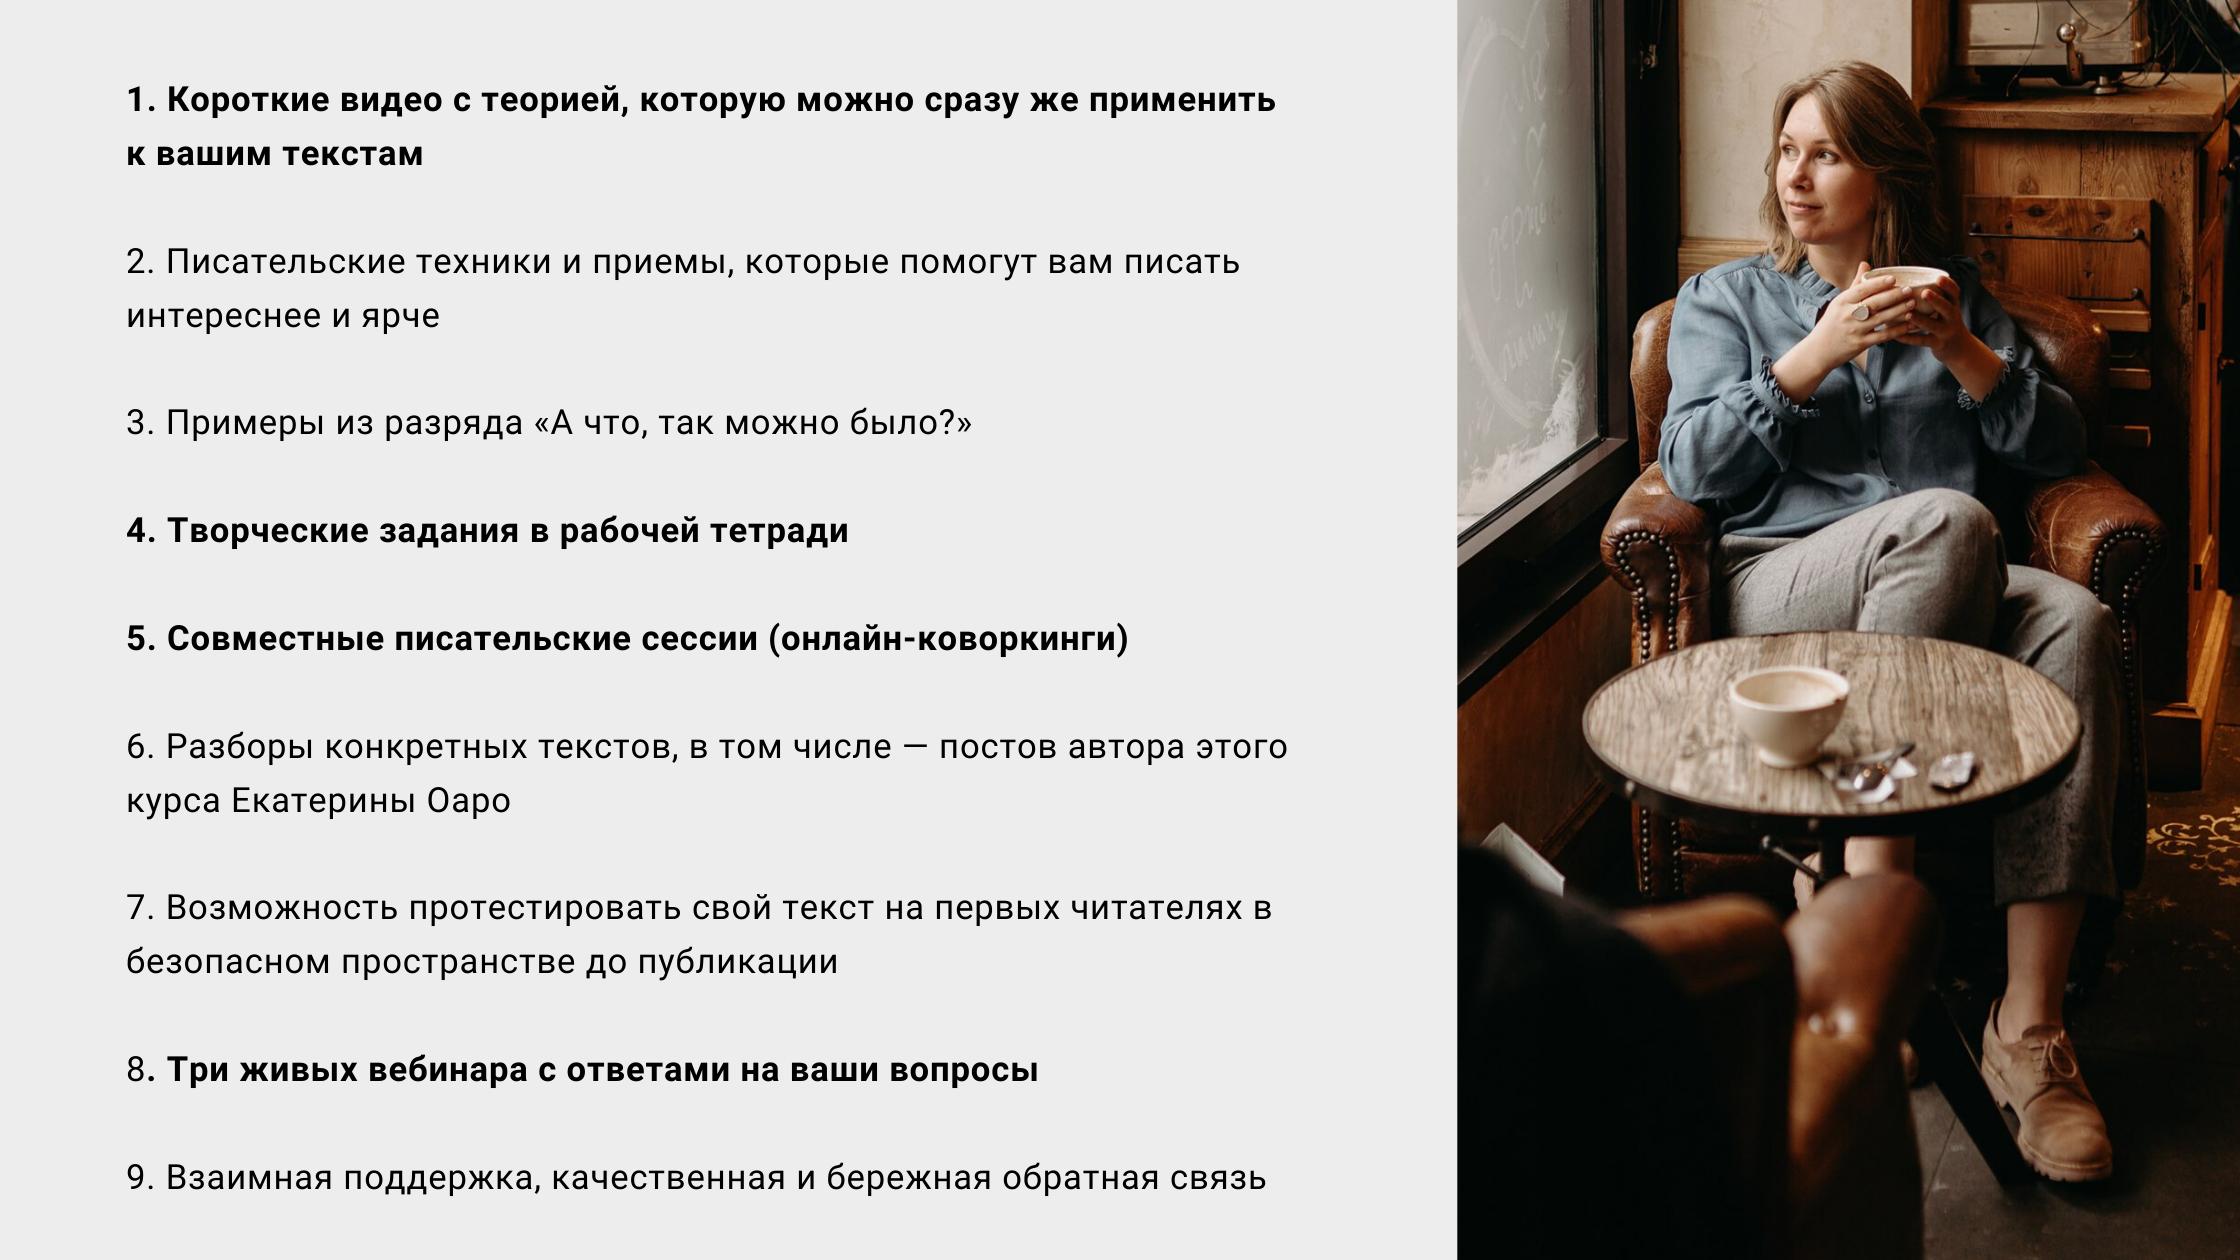 Что будет на онлайн-курсе Екатерины Оаро о текстах для соцсетей | Вдохновить на роман